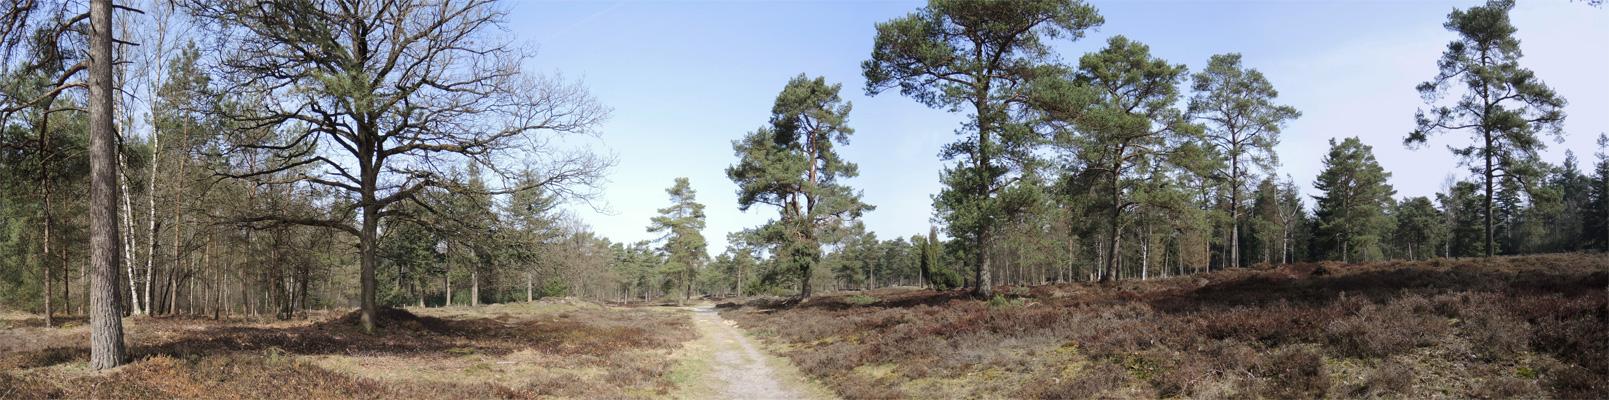 Boswachterij-Ruinen-Groene-route-2-voetzoekers